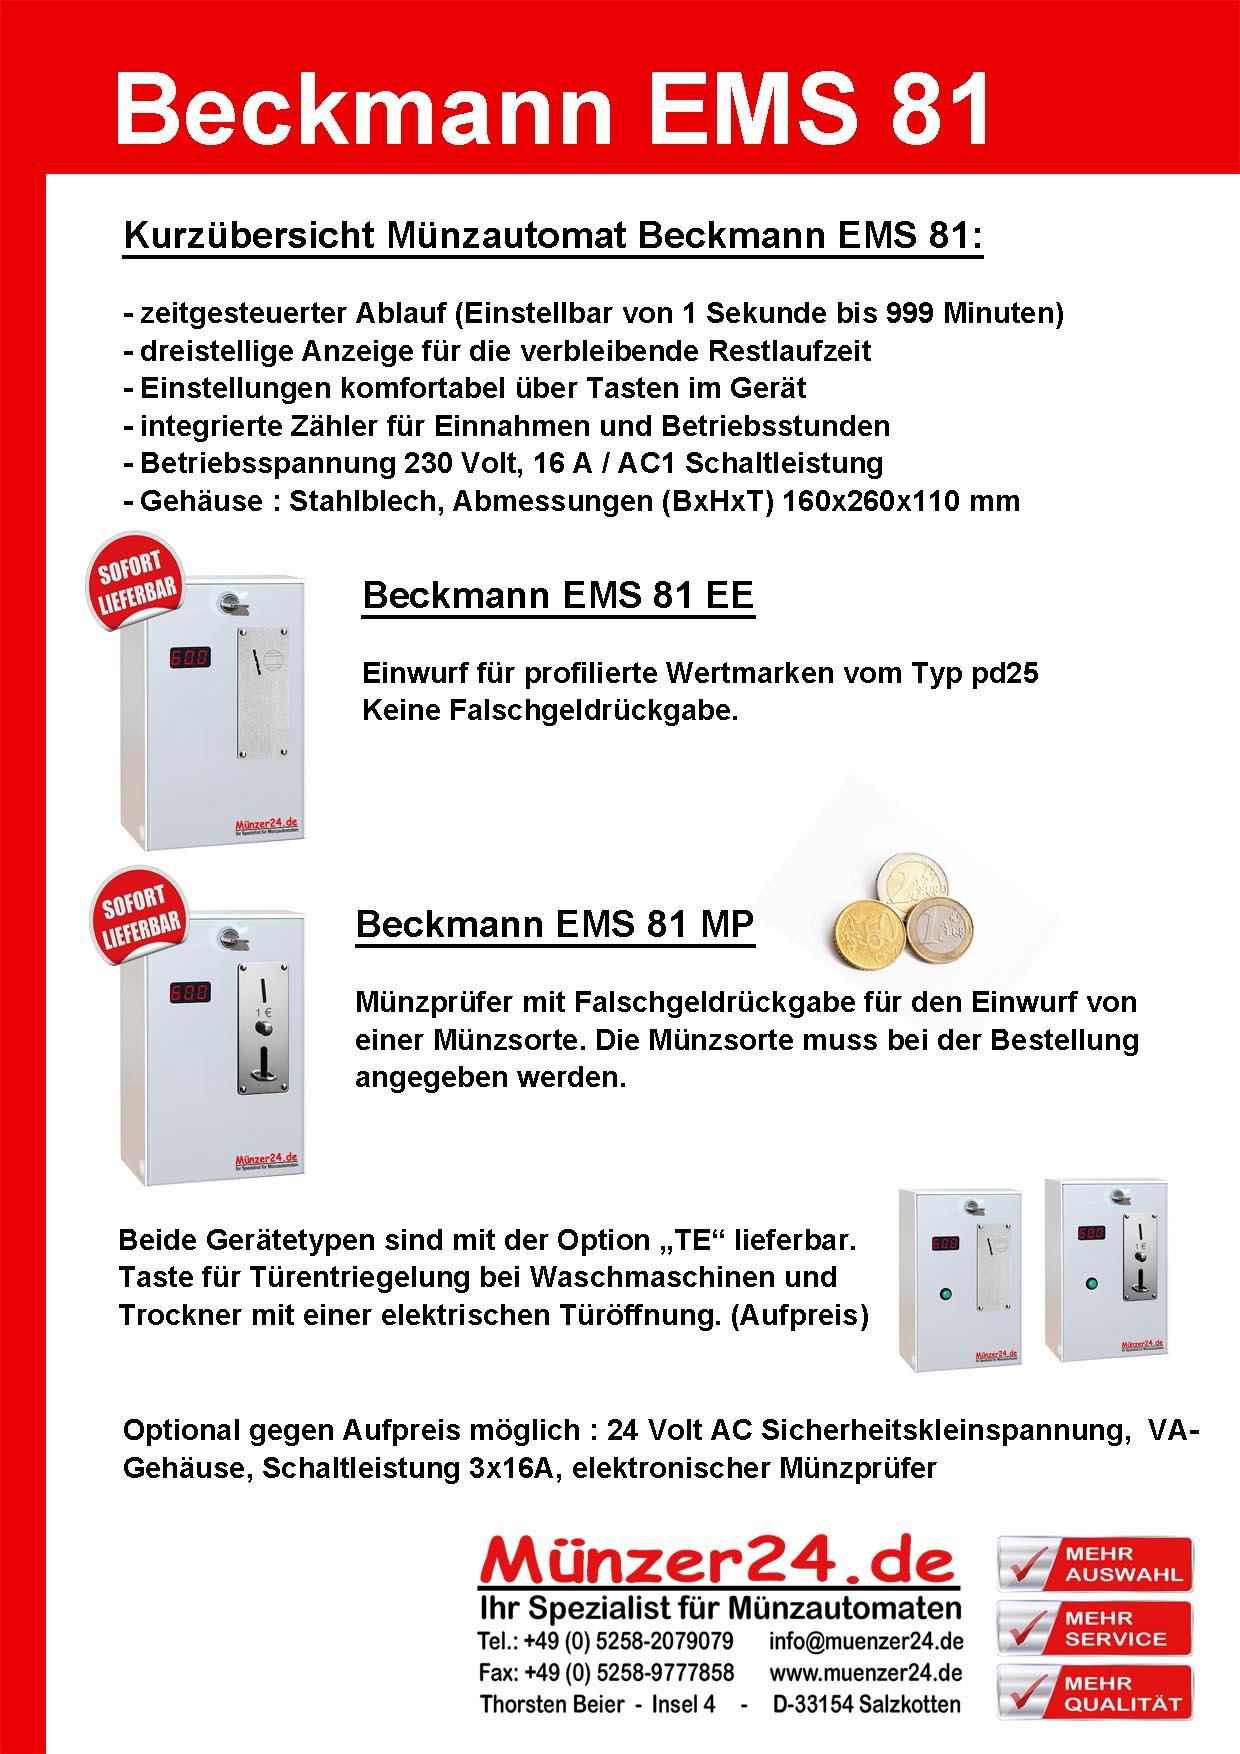 Beckmann EMS 81